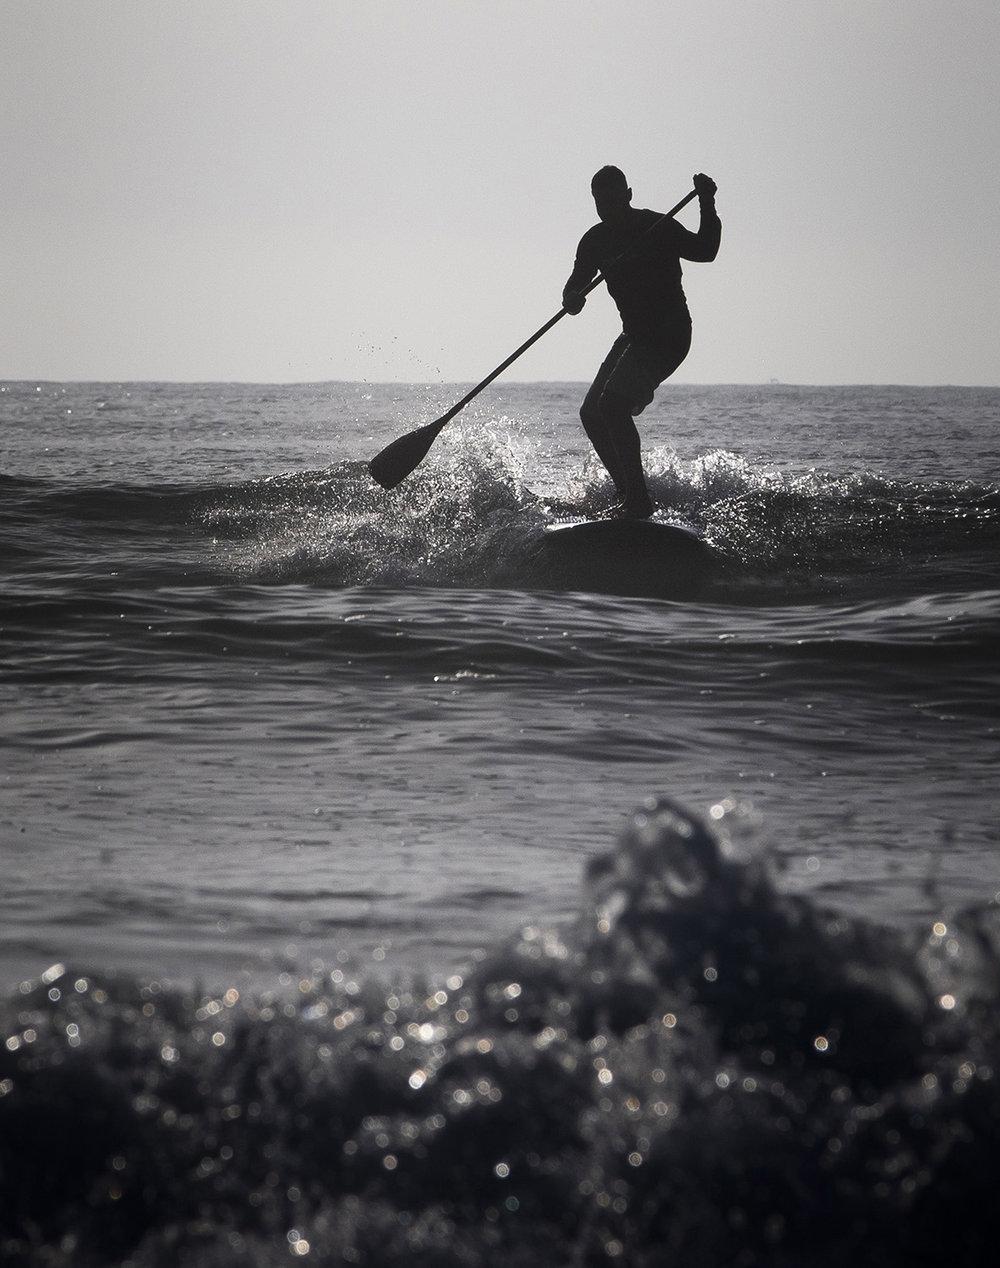 Surf_Broulee_Jan_19_020_1500px.jpg